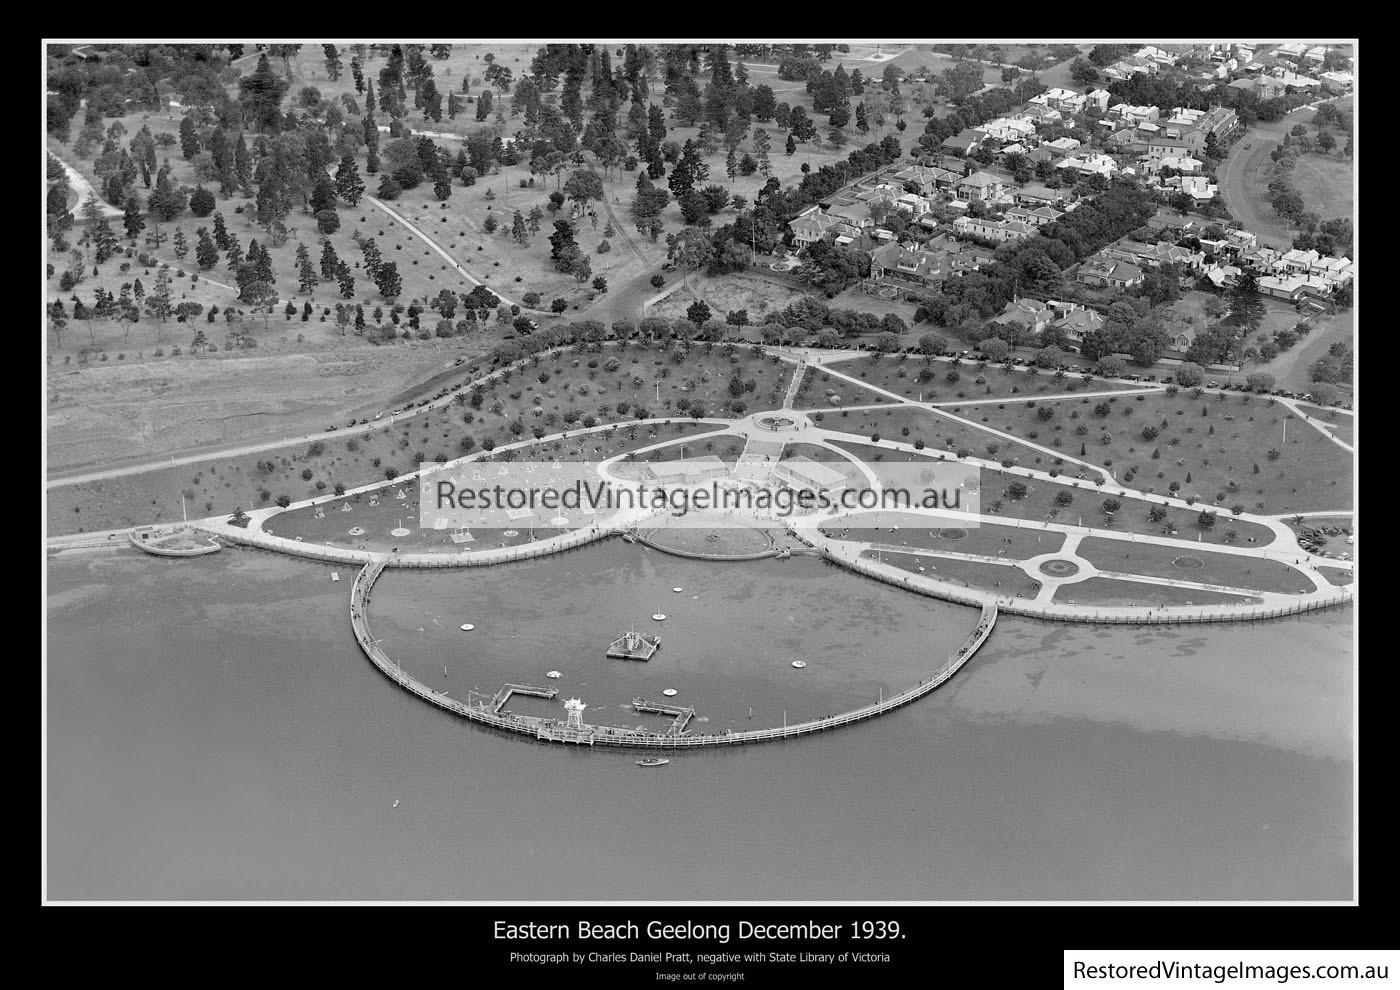 Eastern Beach Aerial Dec 1939